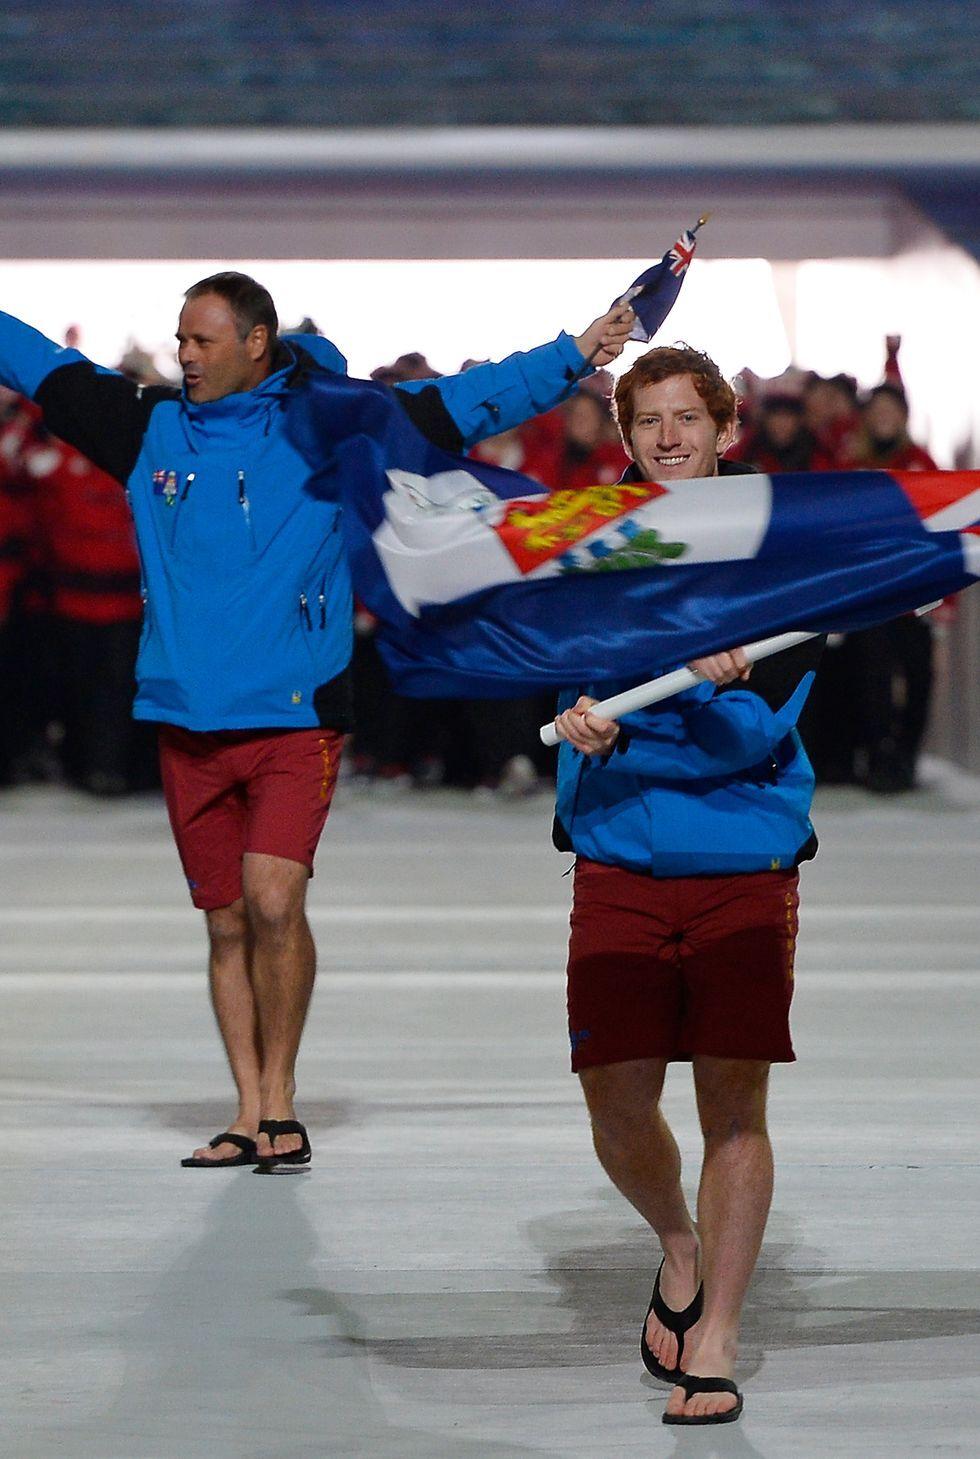 2014: Олимпийците от Каймановите остров Островитяните и зимните спортове не са типично съчетание, но момчетата доказват, че плажът може да се занесе навсякъде - дори в ледена Русия. Отборът озадачава зрителите на откриването с къси панталони, джапанки и ски якета.